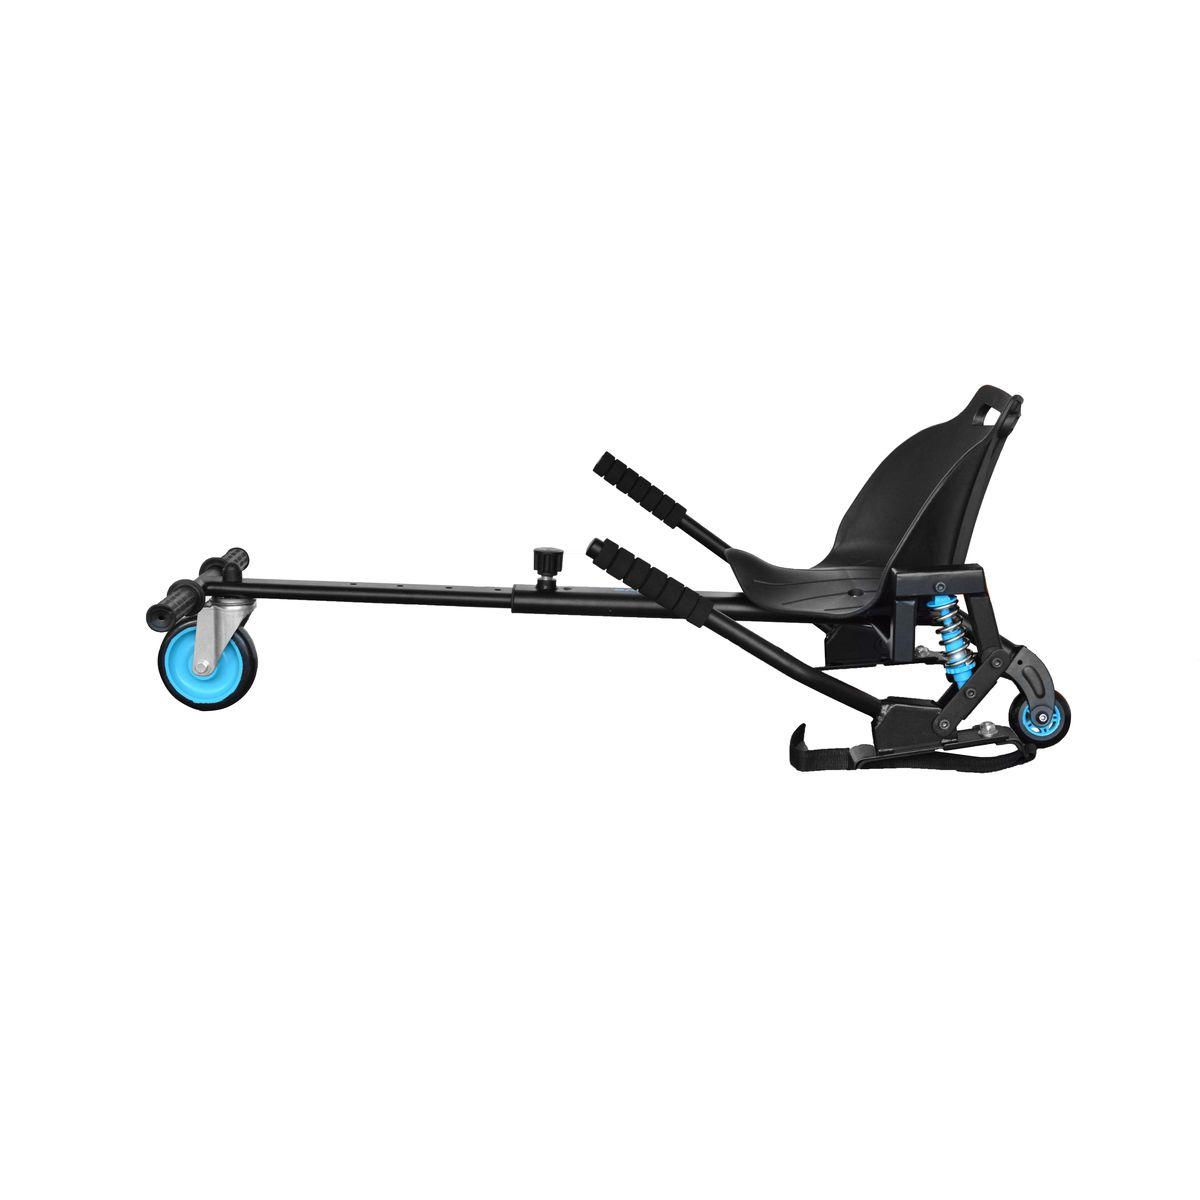 Complément KIT KART pour hoverboard 6,5/8/10 pouces - Noir